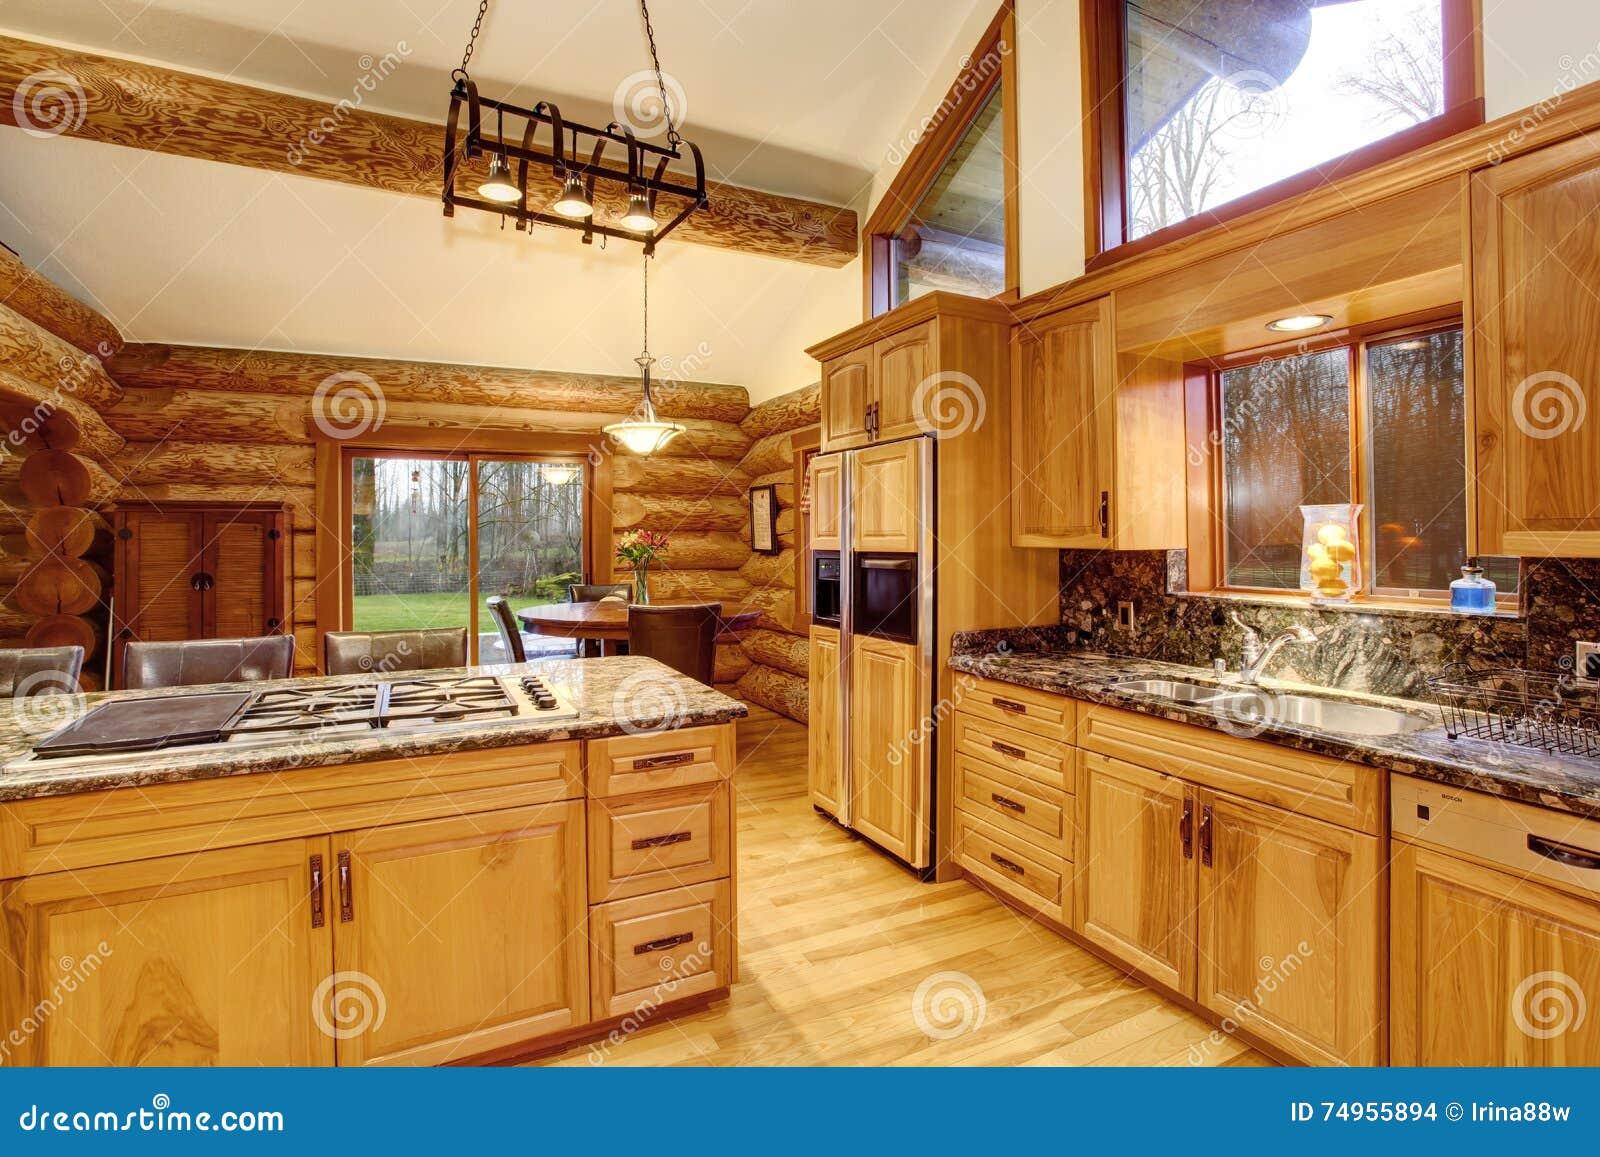 Dise o interior de la cocina de la caba a de madera con for Disenos de gabinetes de cocina en madera